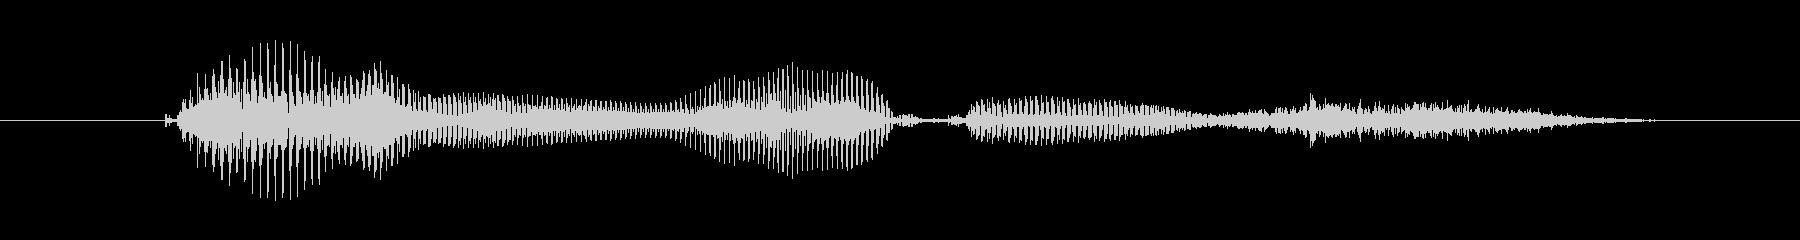 「電話です」の未再生の波形